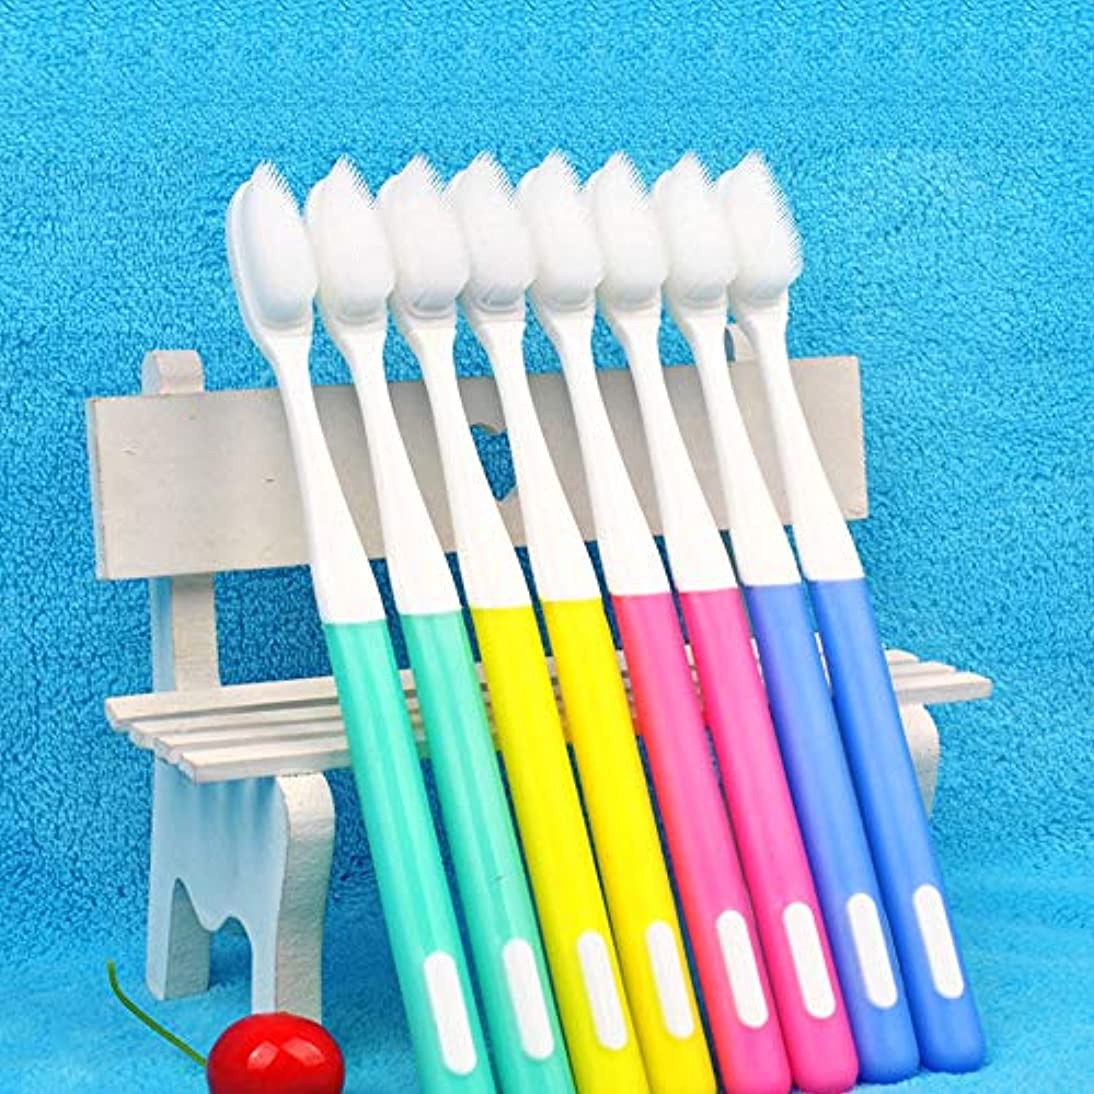 供給要旨再編成する歯ブラシ 歯ブラシを使用するには、全体の家族のために10パックナノ歯ブラシ、環境に優しいシリコーン歯ブラシ、 HL (色 : A, サイズ : 10 packs)